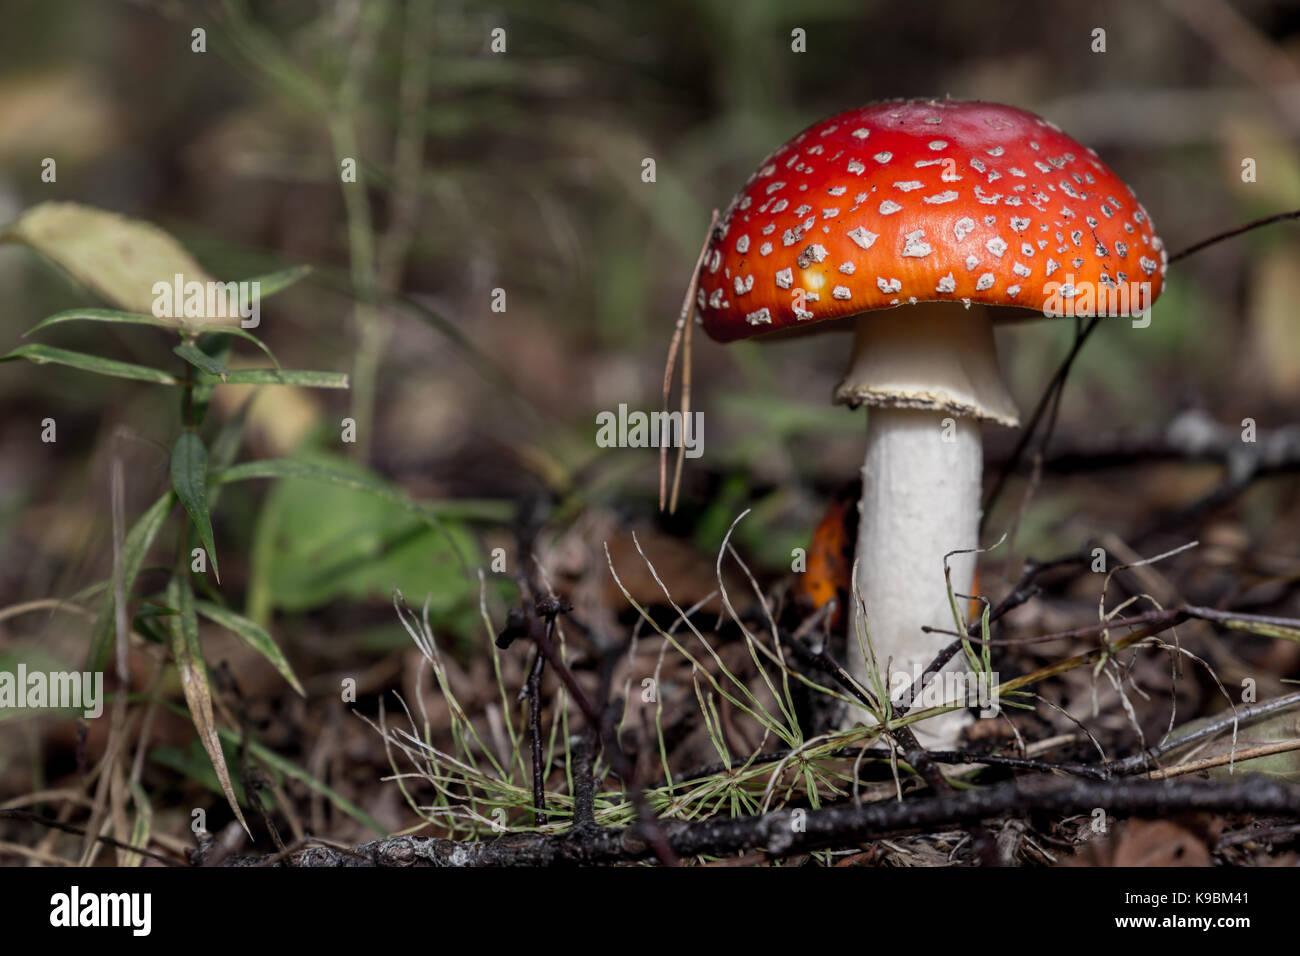 Tiny Amanita Muscaria close up - Stock Image